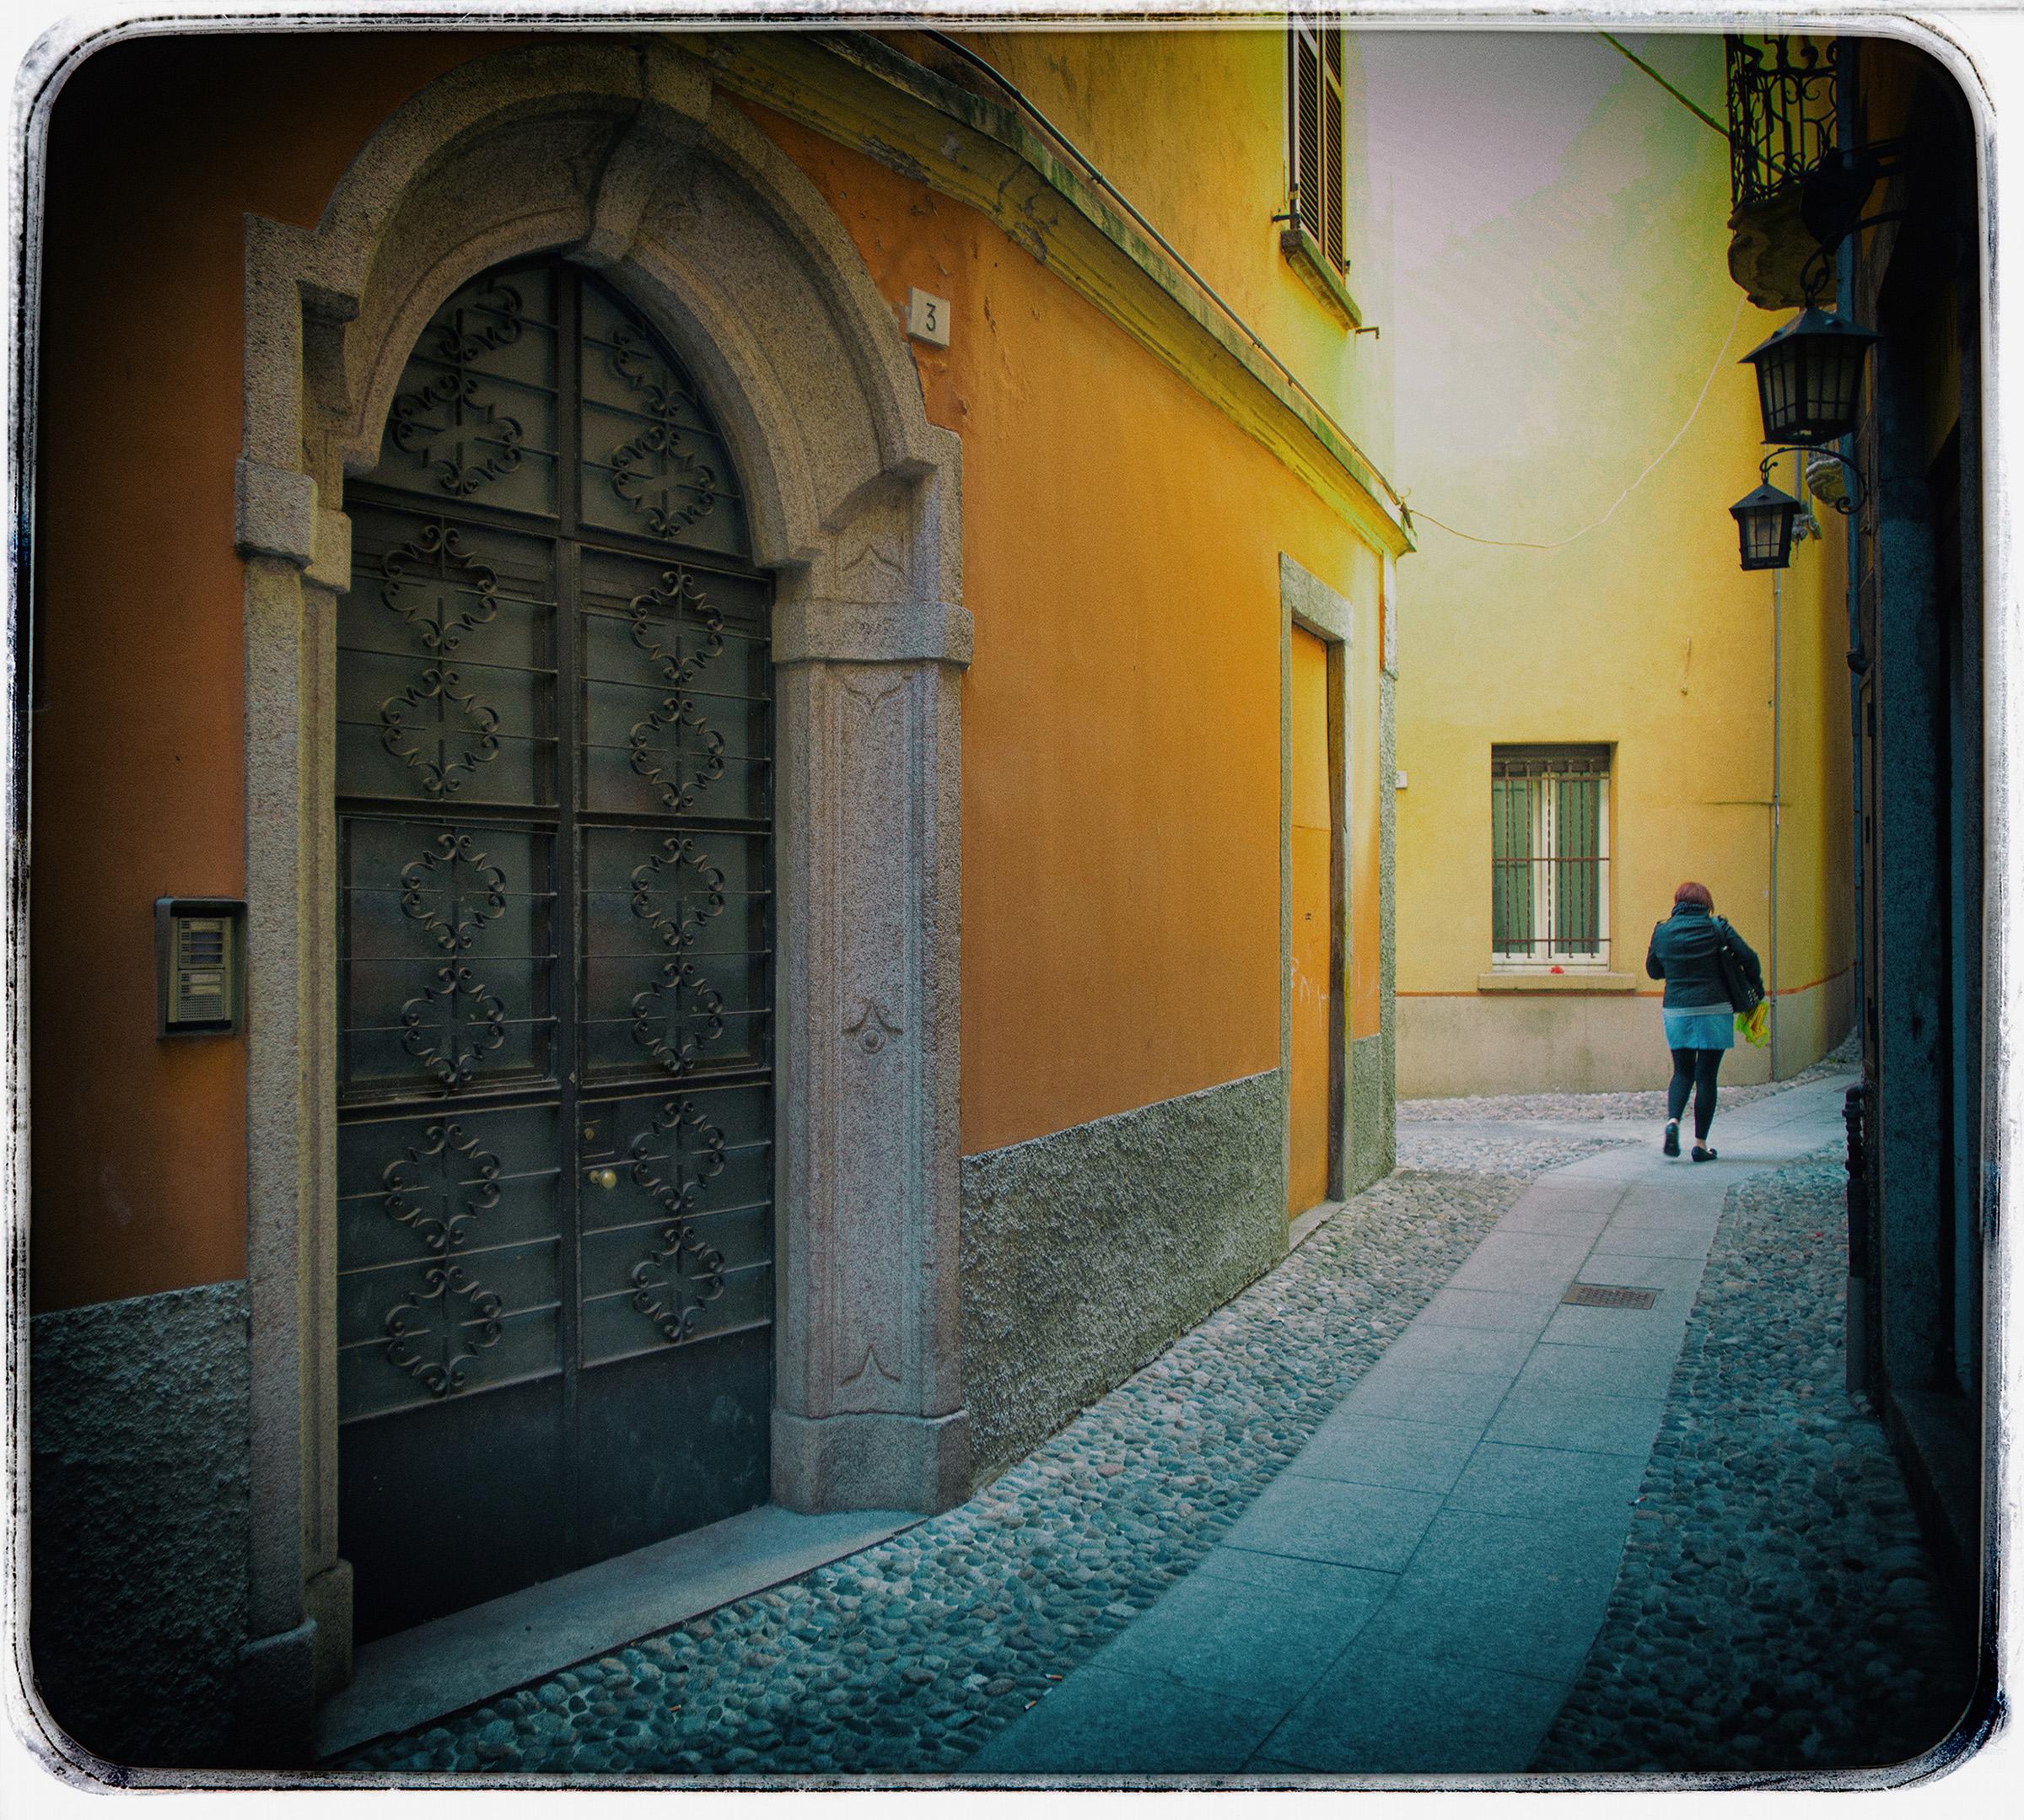 Via Tacchini